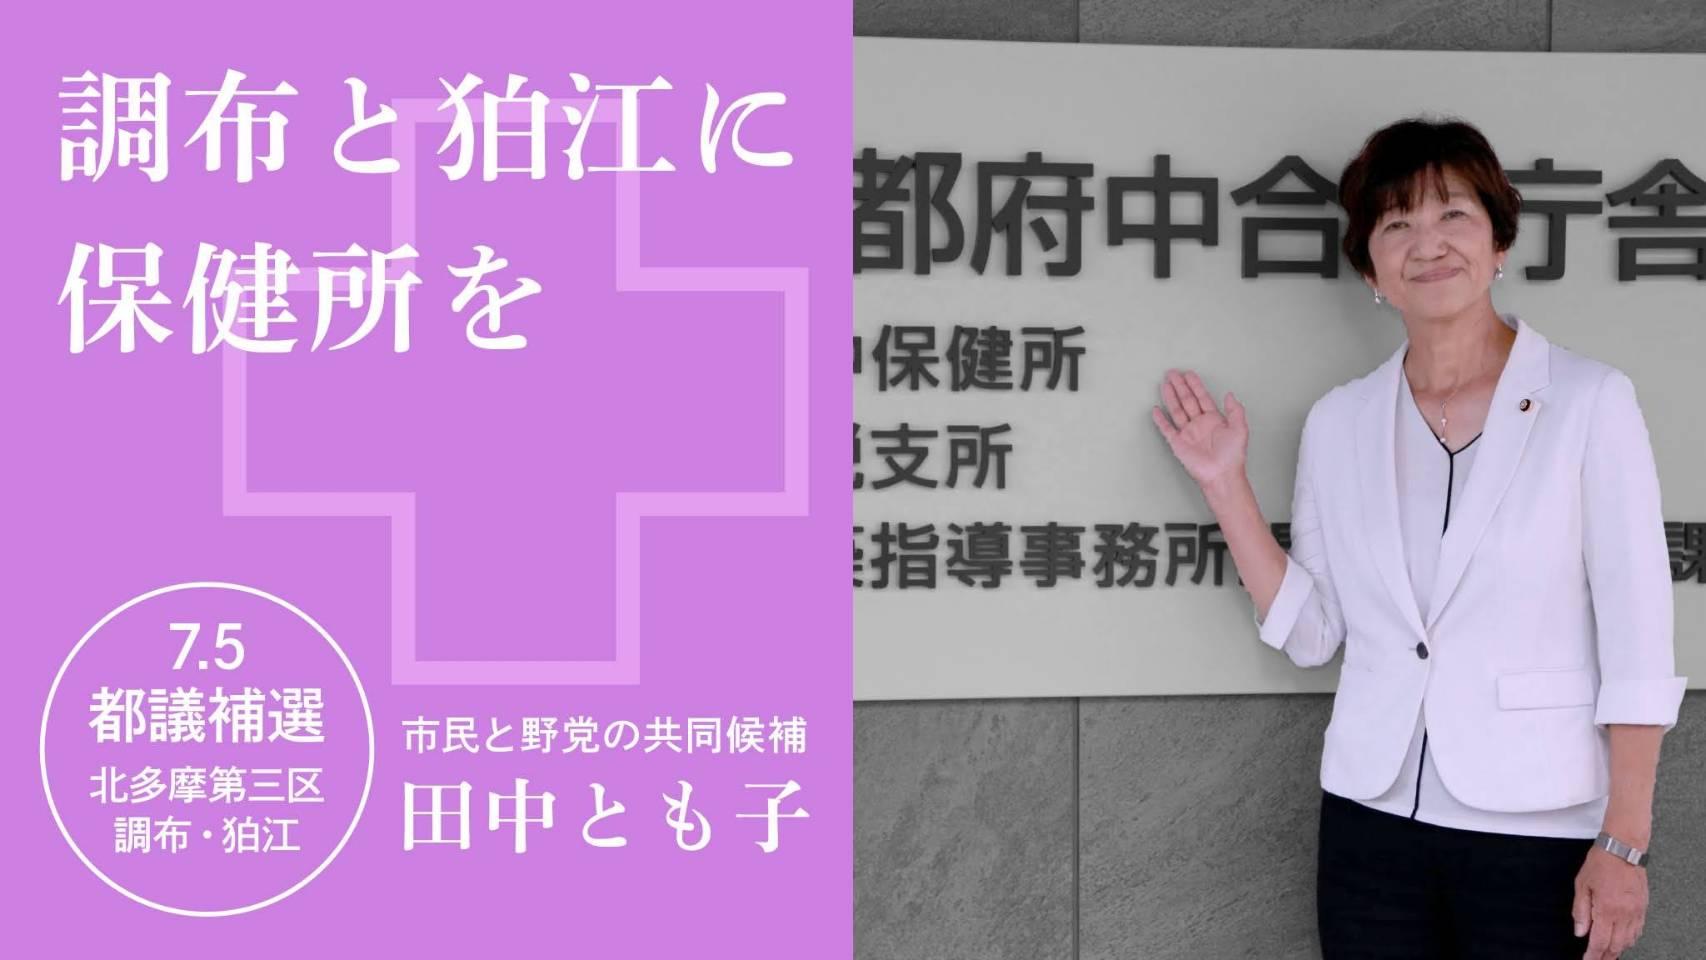 【田中とも子政策動画】調布市、狛江市に保健所復活を